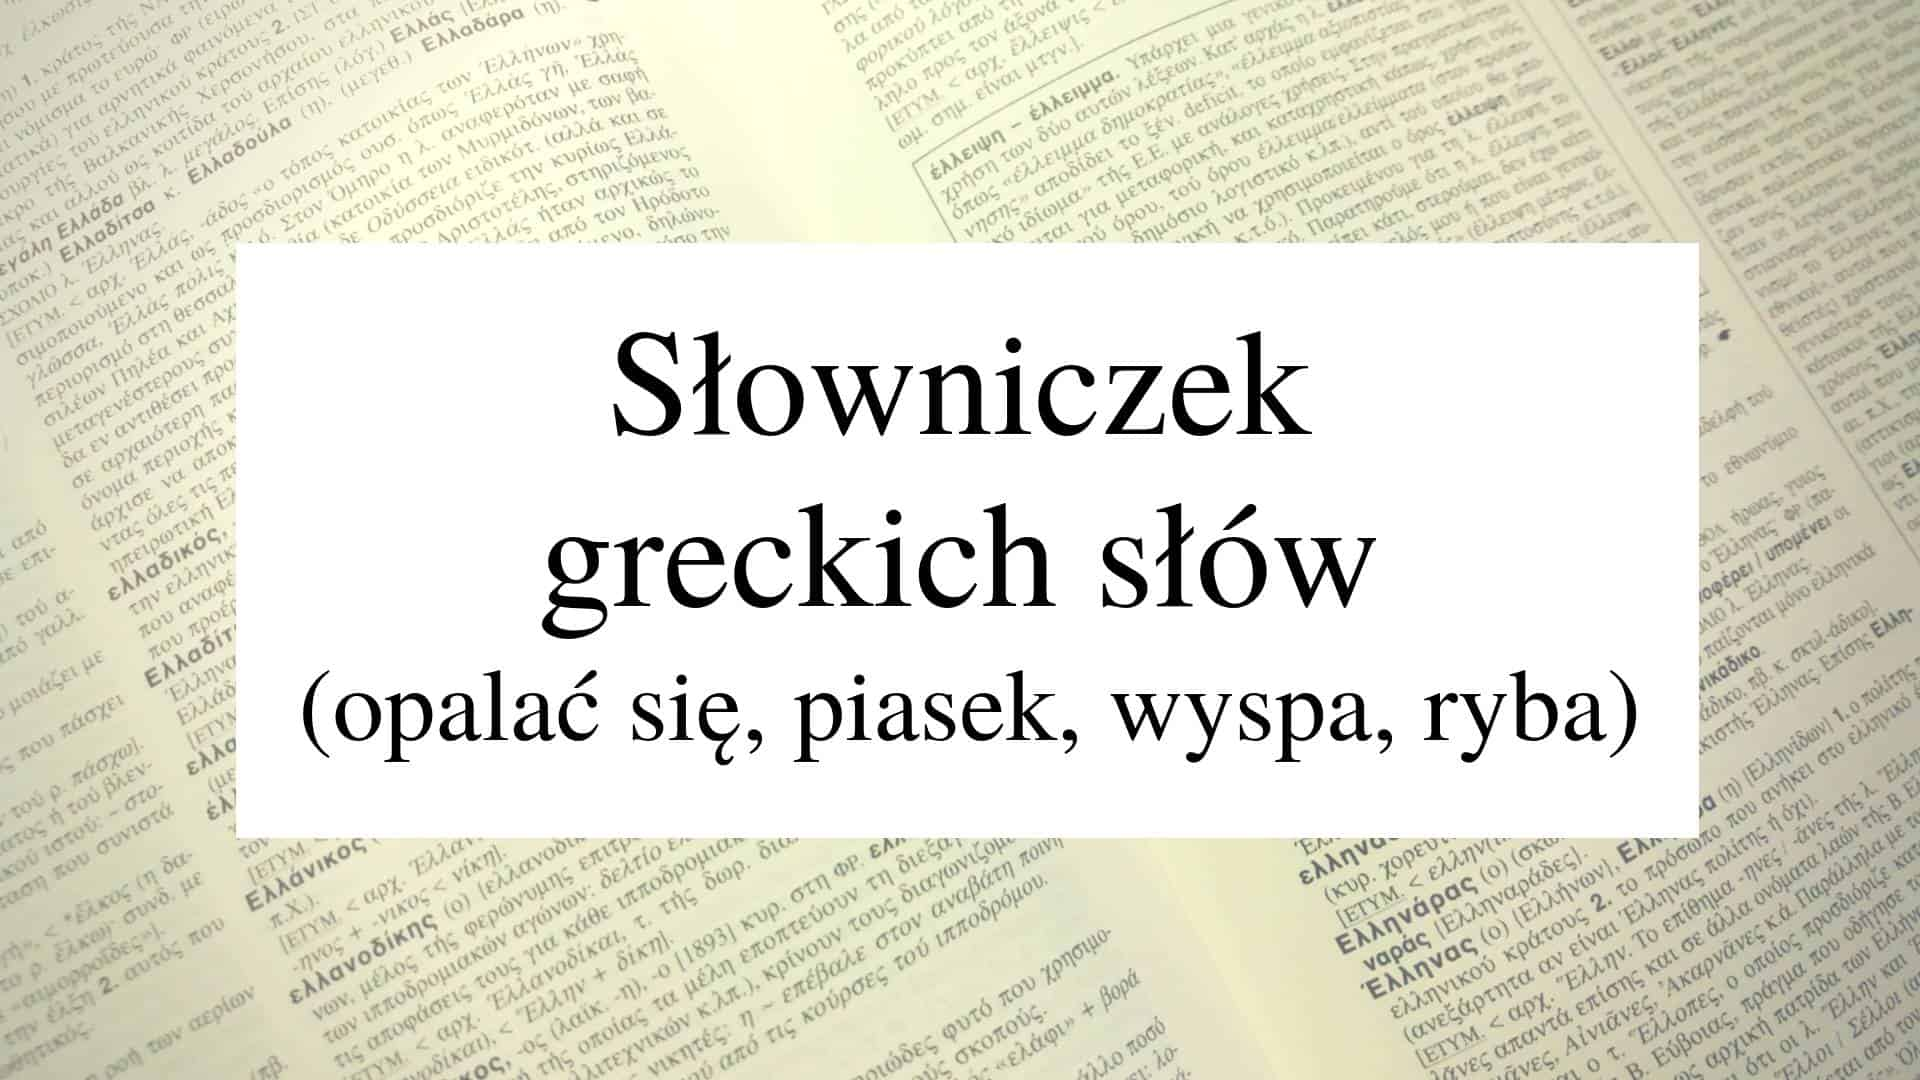 slowniczek greckich slow